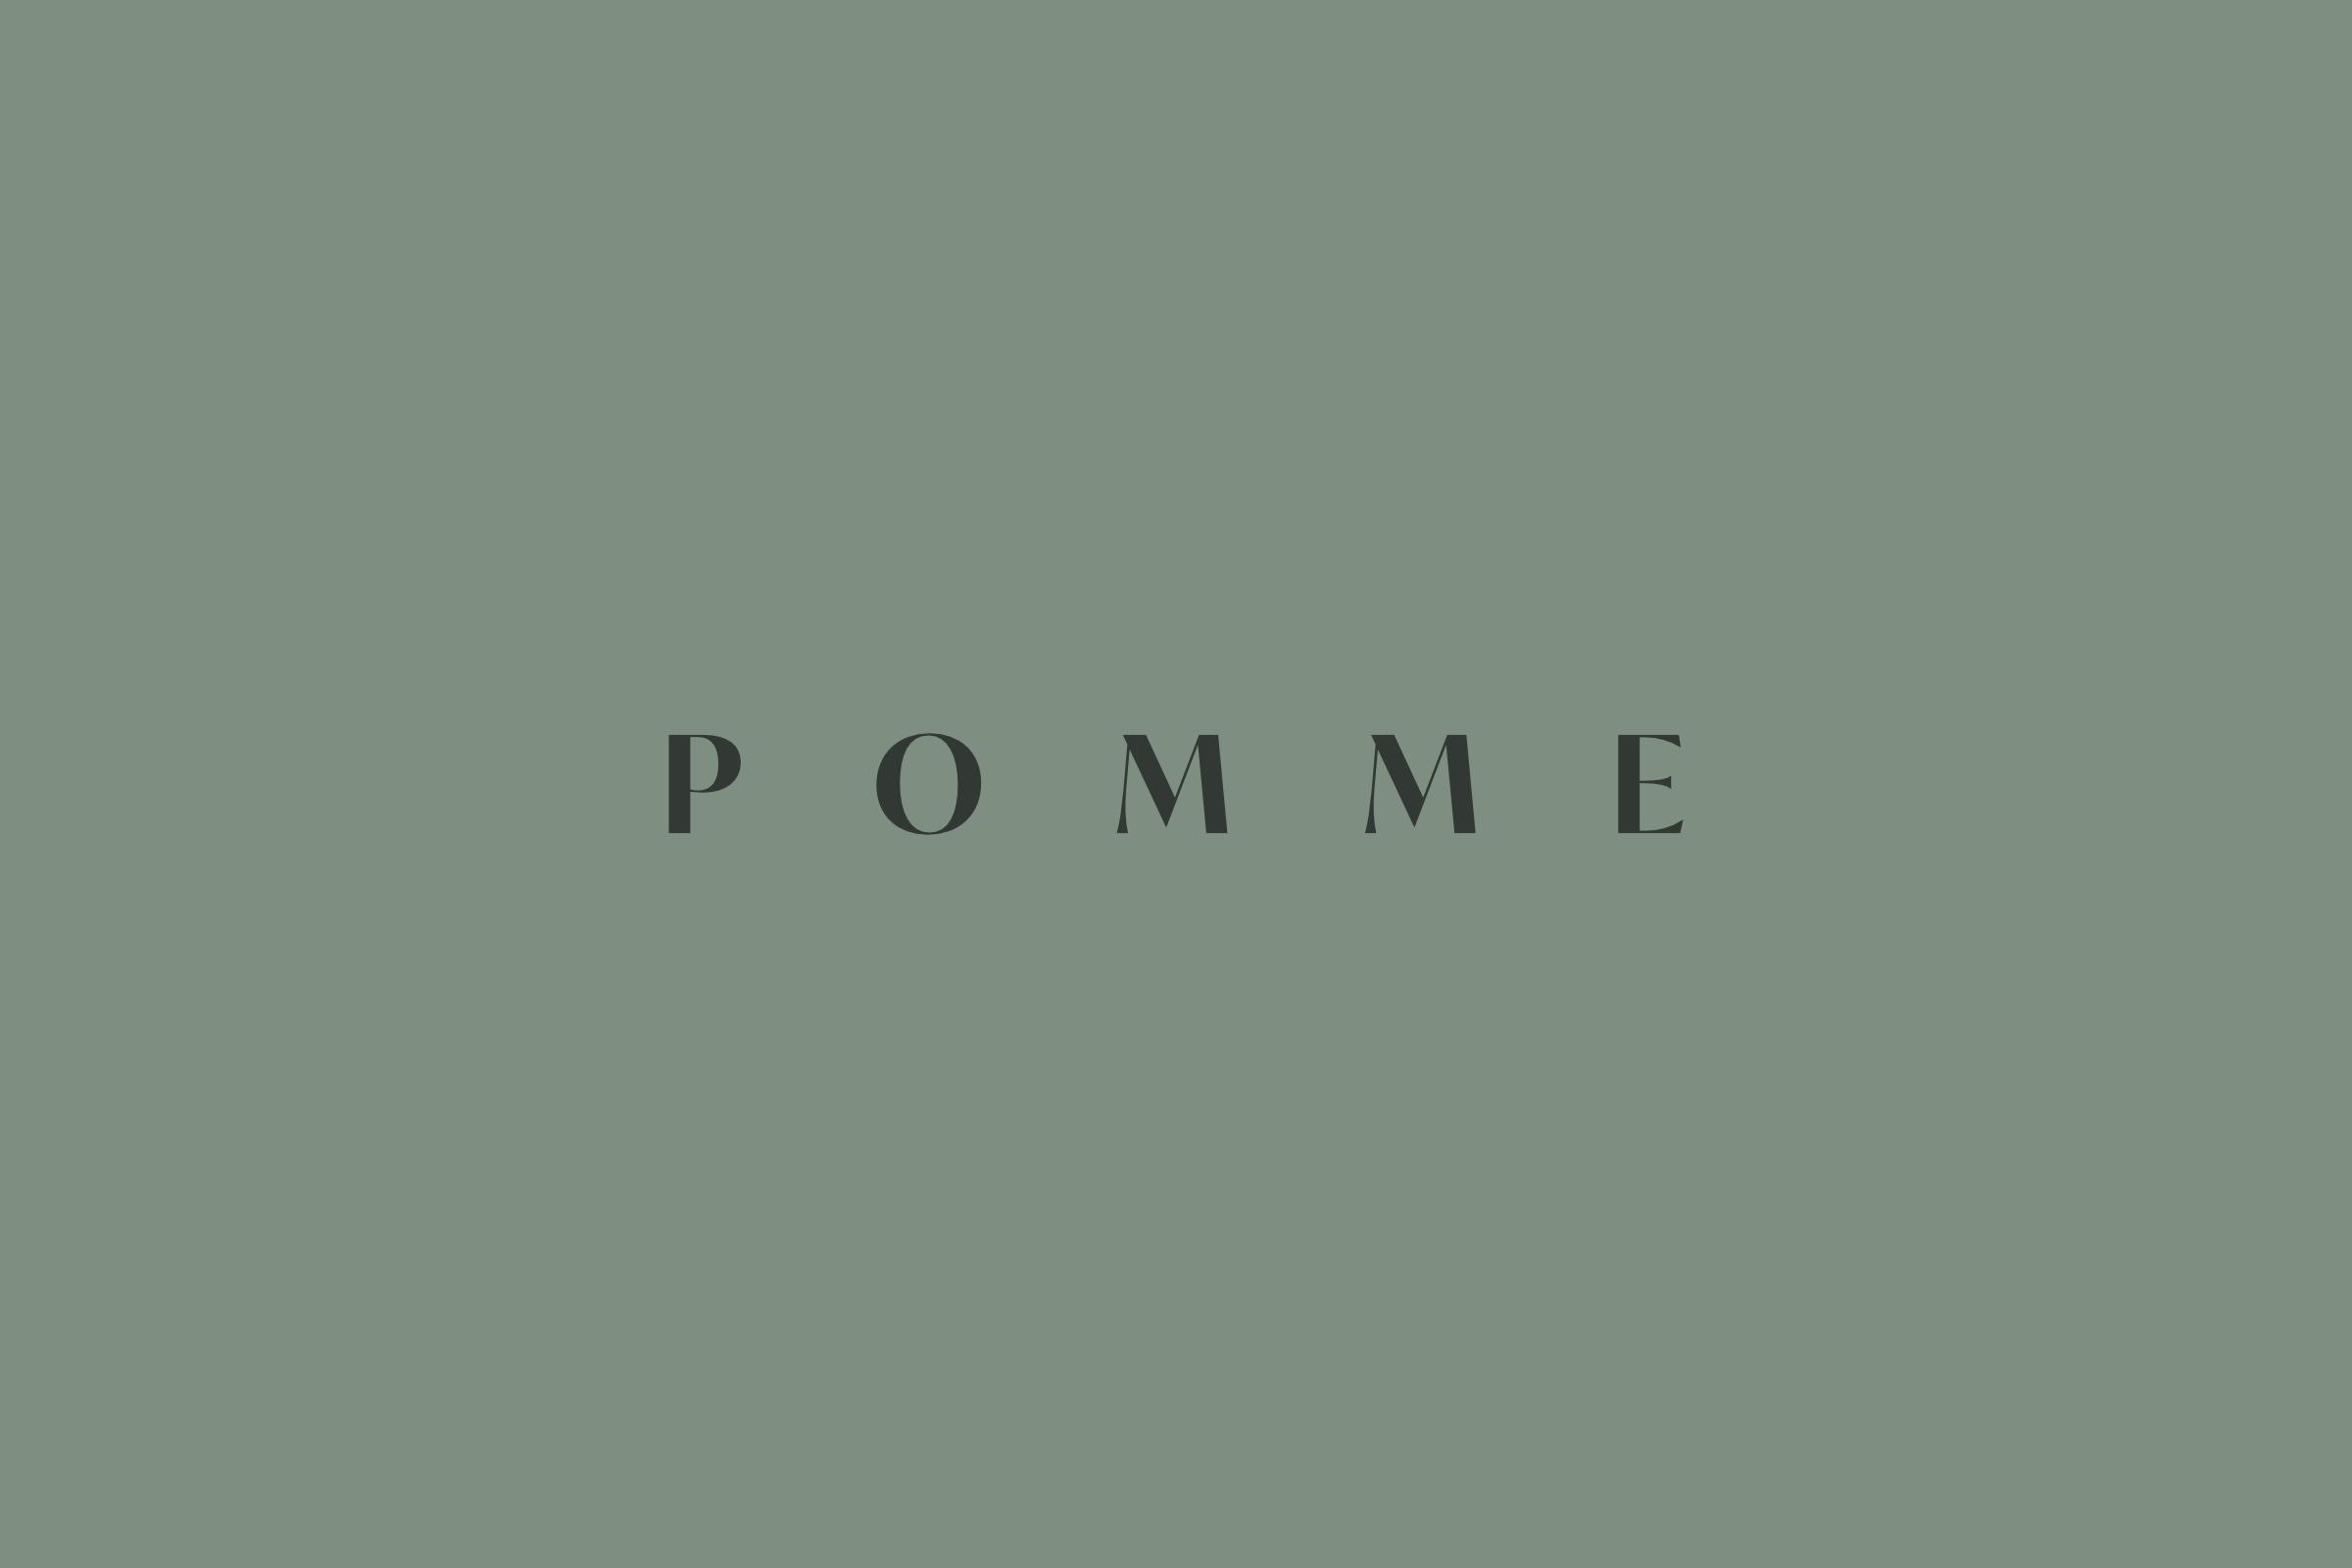 Pomme logo.